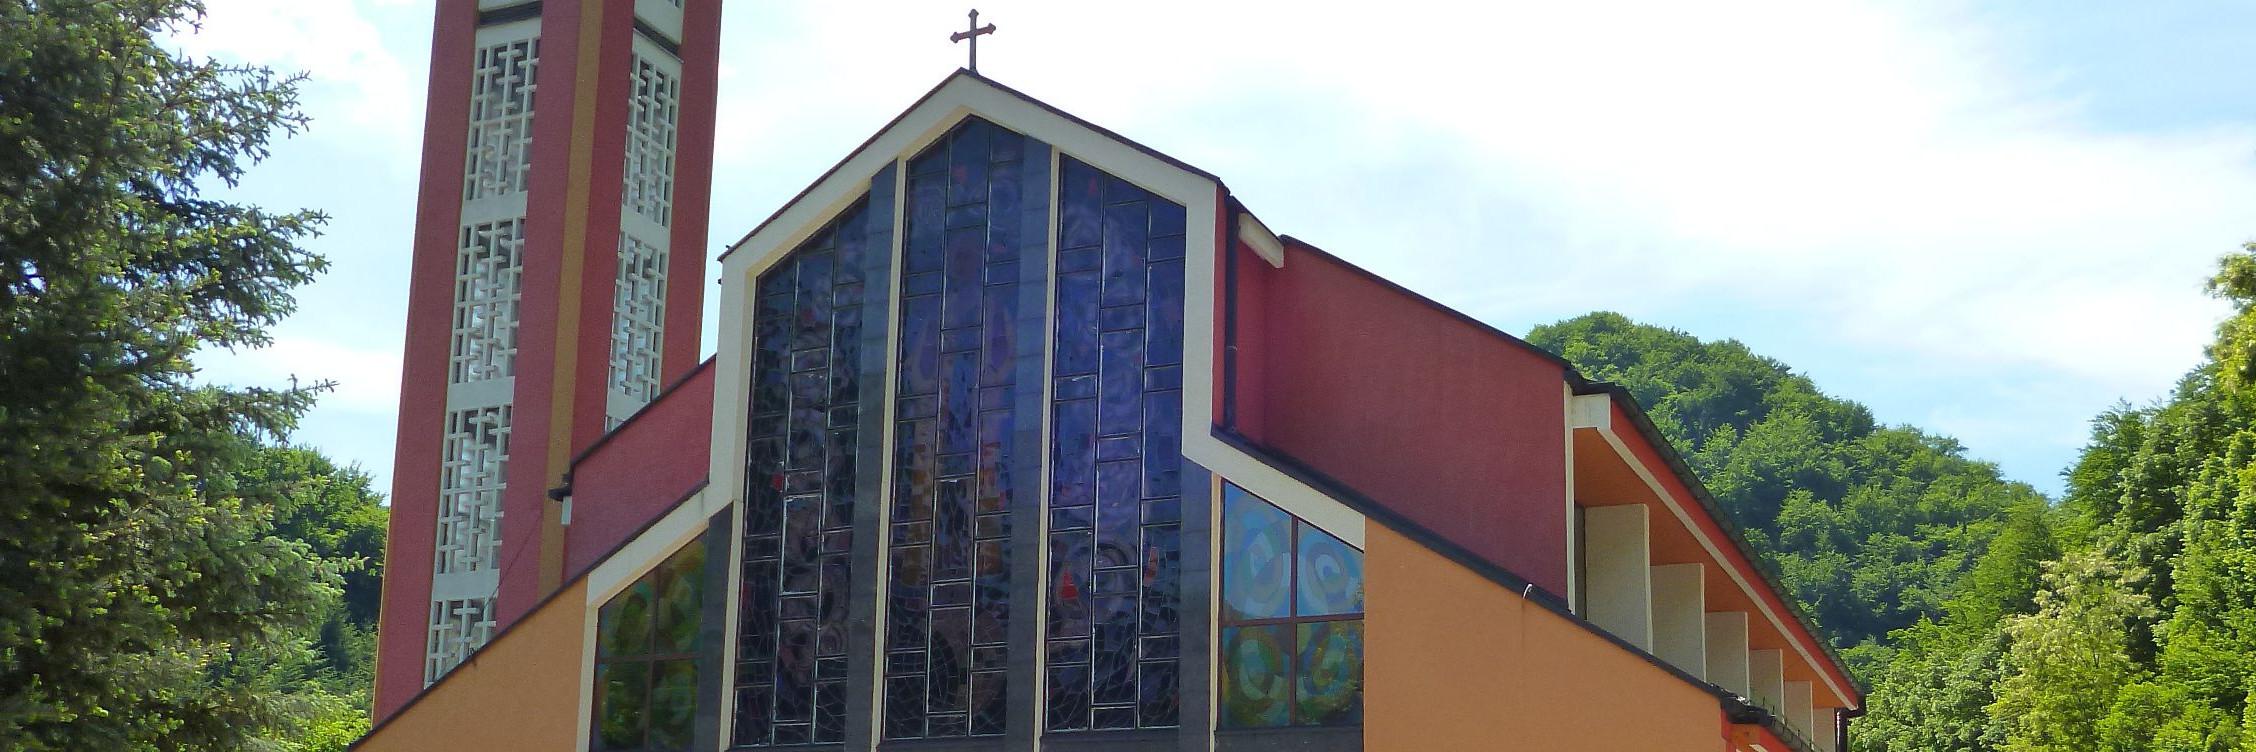 Монастырь св. Катерины